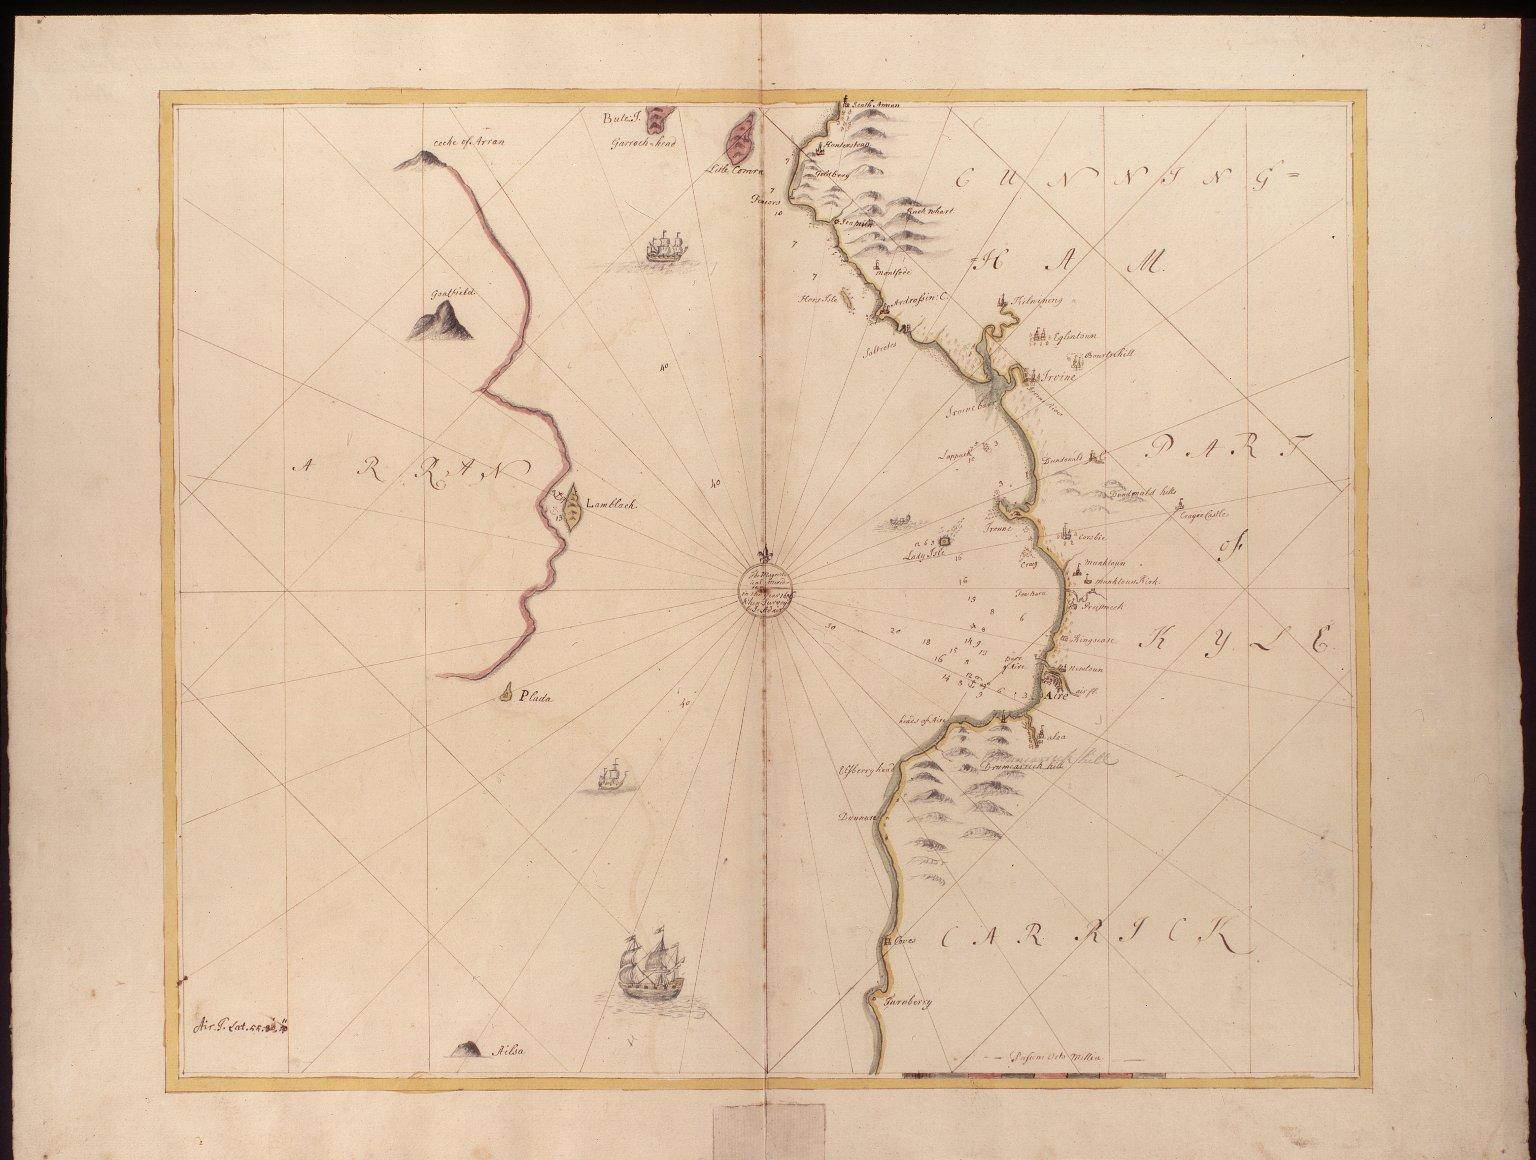 [Sea between Irvin & Air & the Isle of Arran. Adair] [1 of 1]